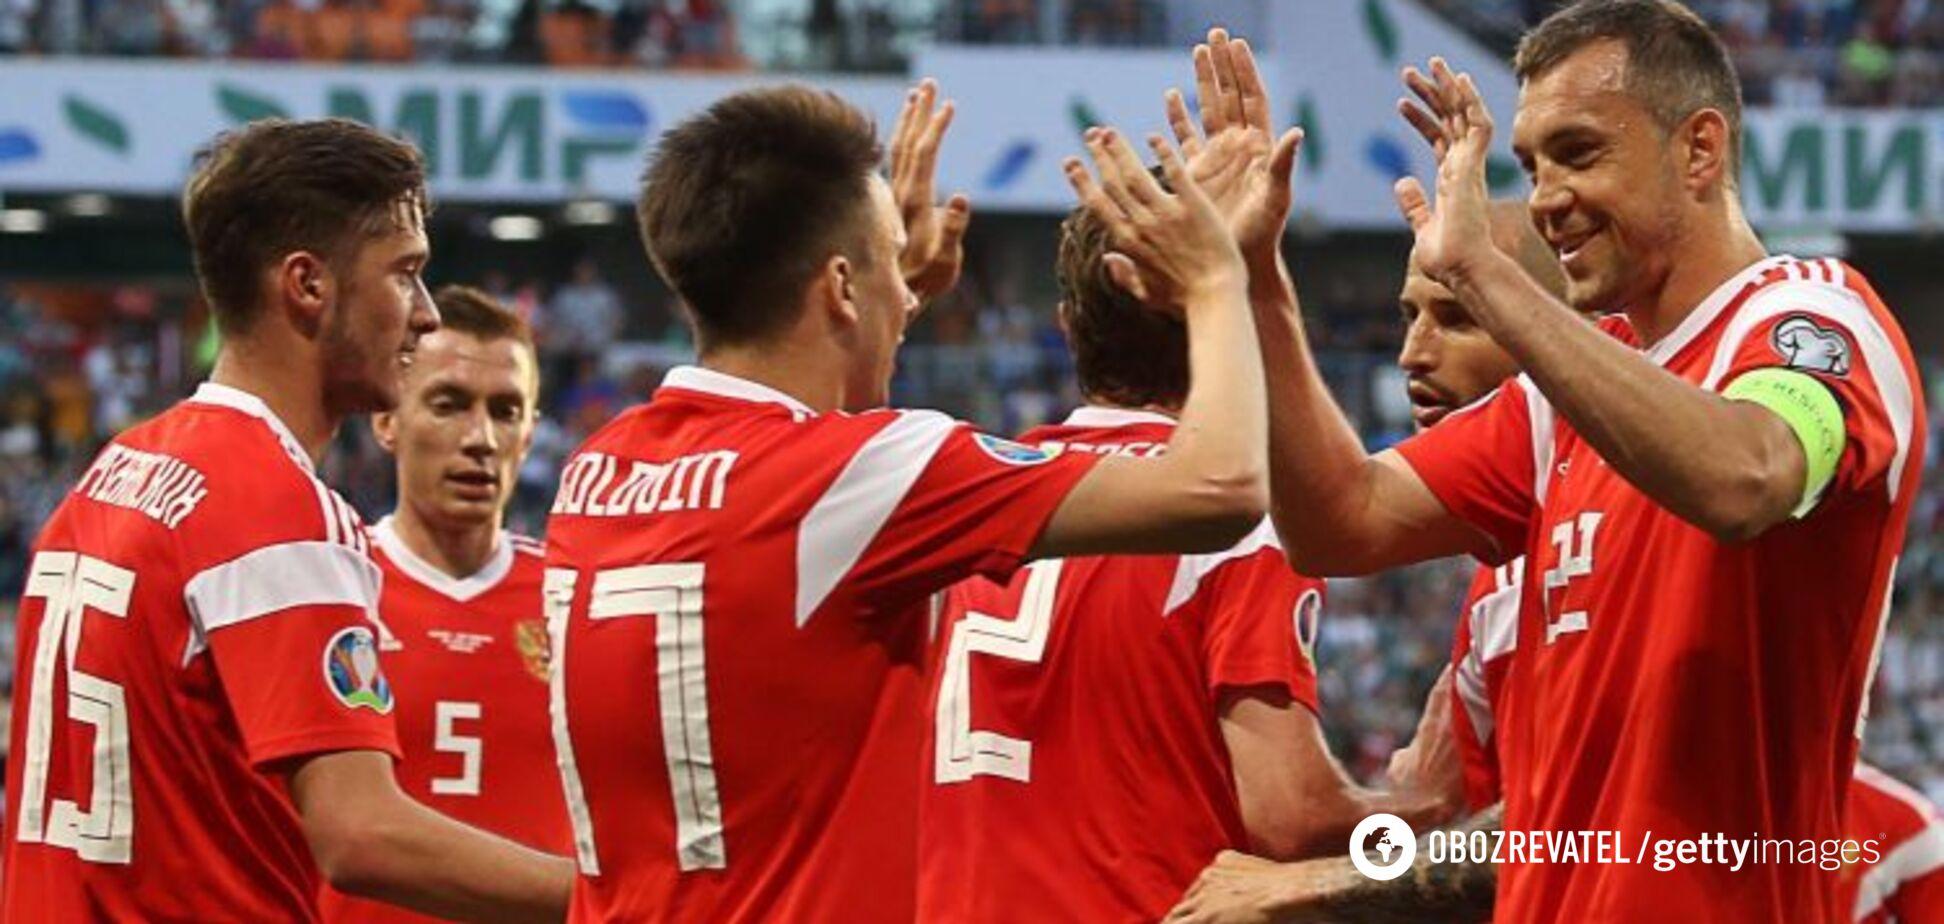 Появилась реакция ФИФА на громкое решение WADA в отношении России